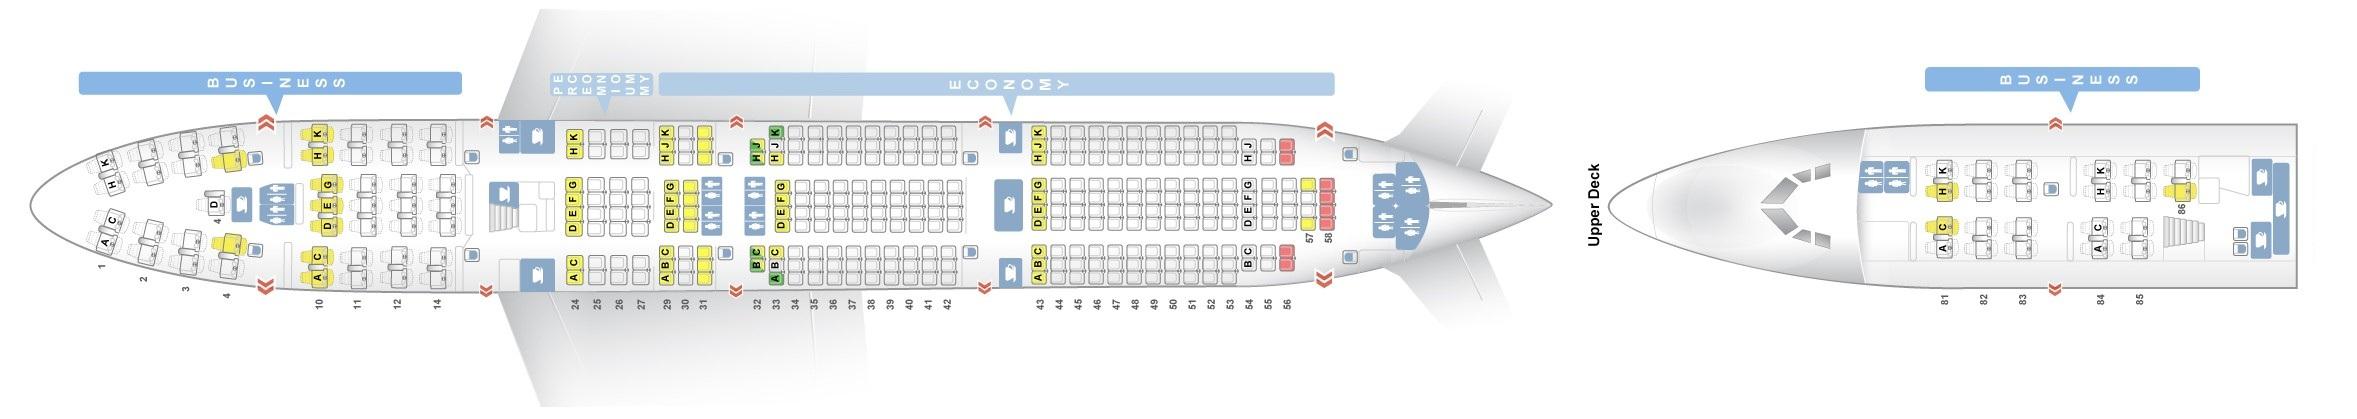 Lufthansa_Boeing_747_400_V2